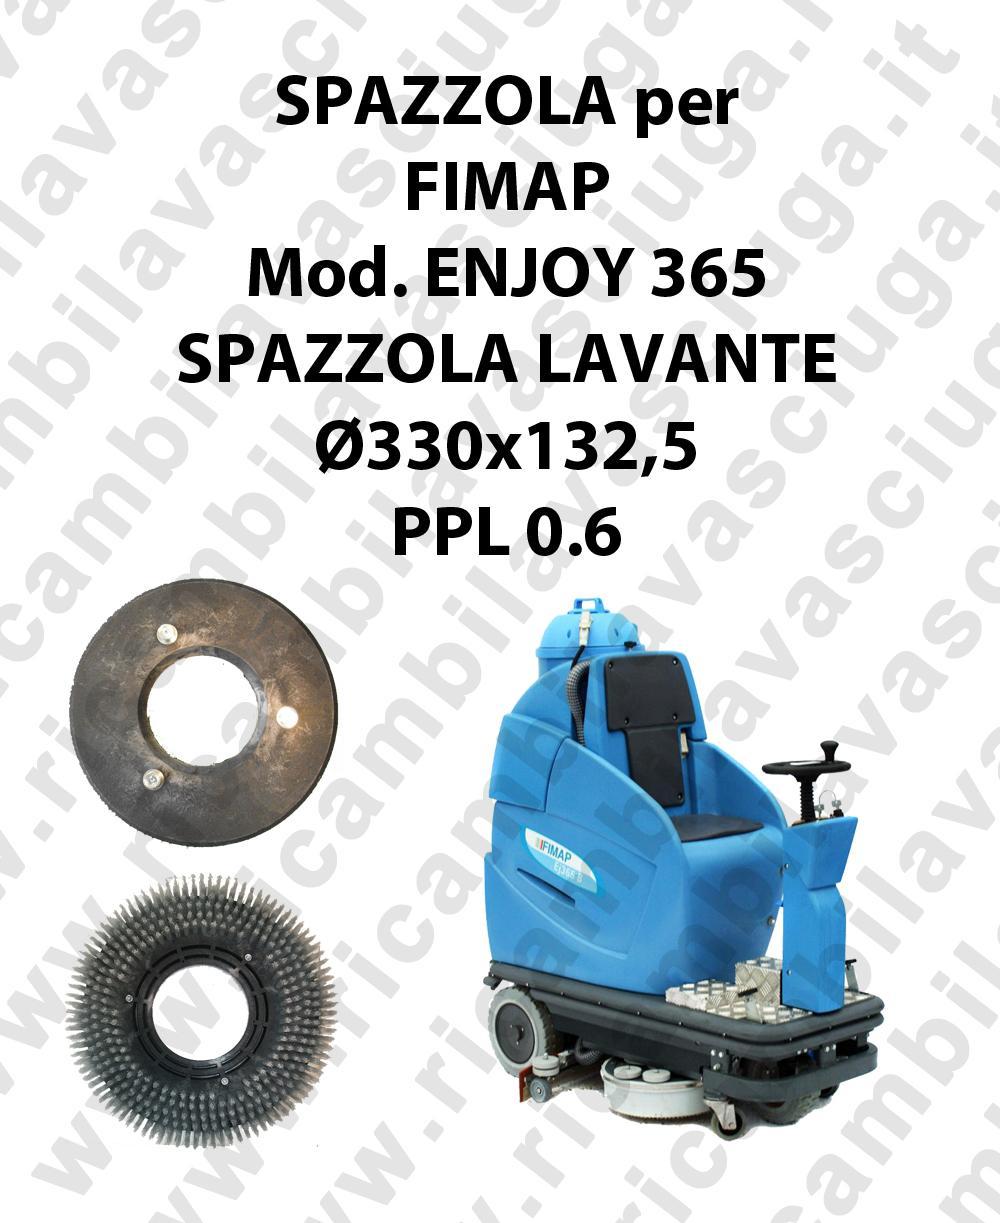 BROSSE A LAVER pour autolaveuses FIMAP Reference ENJOY 365 diamétre  330 x 132.5 PPL 0.6